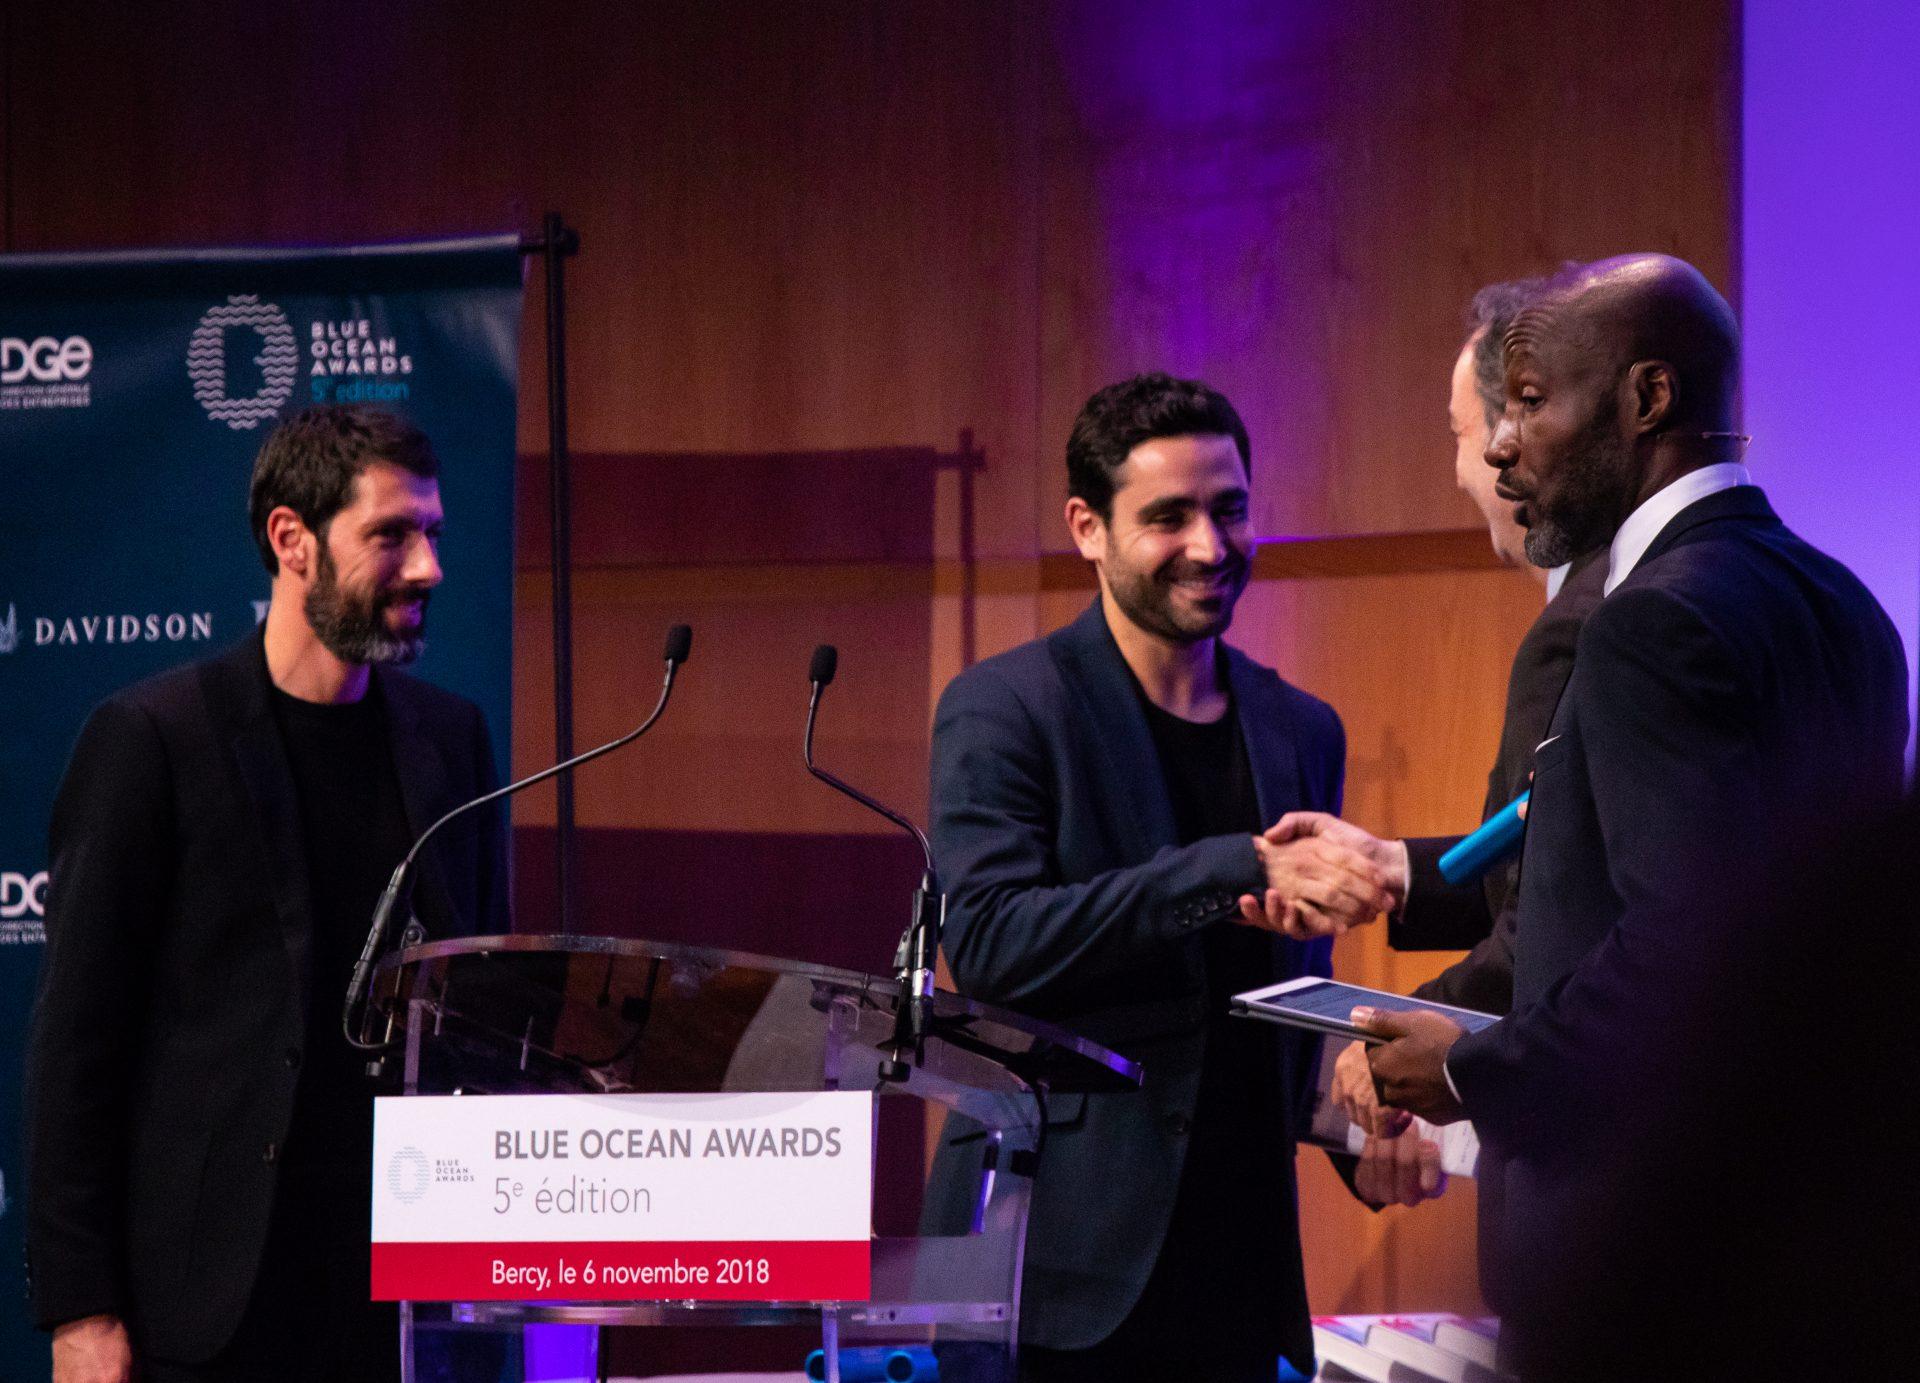 Blue Ocean Awards